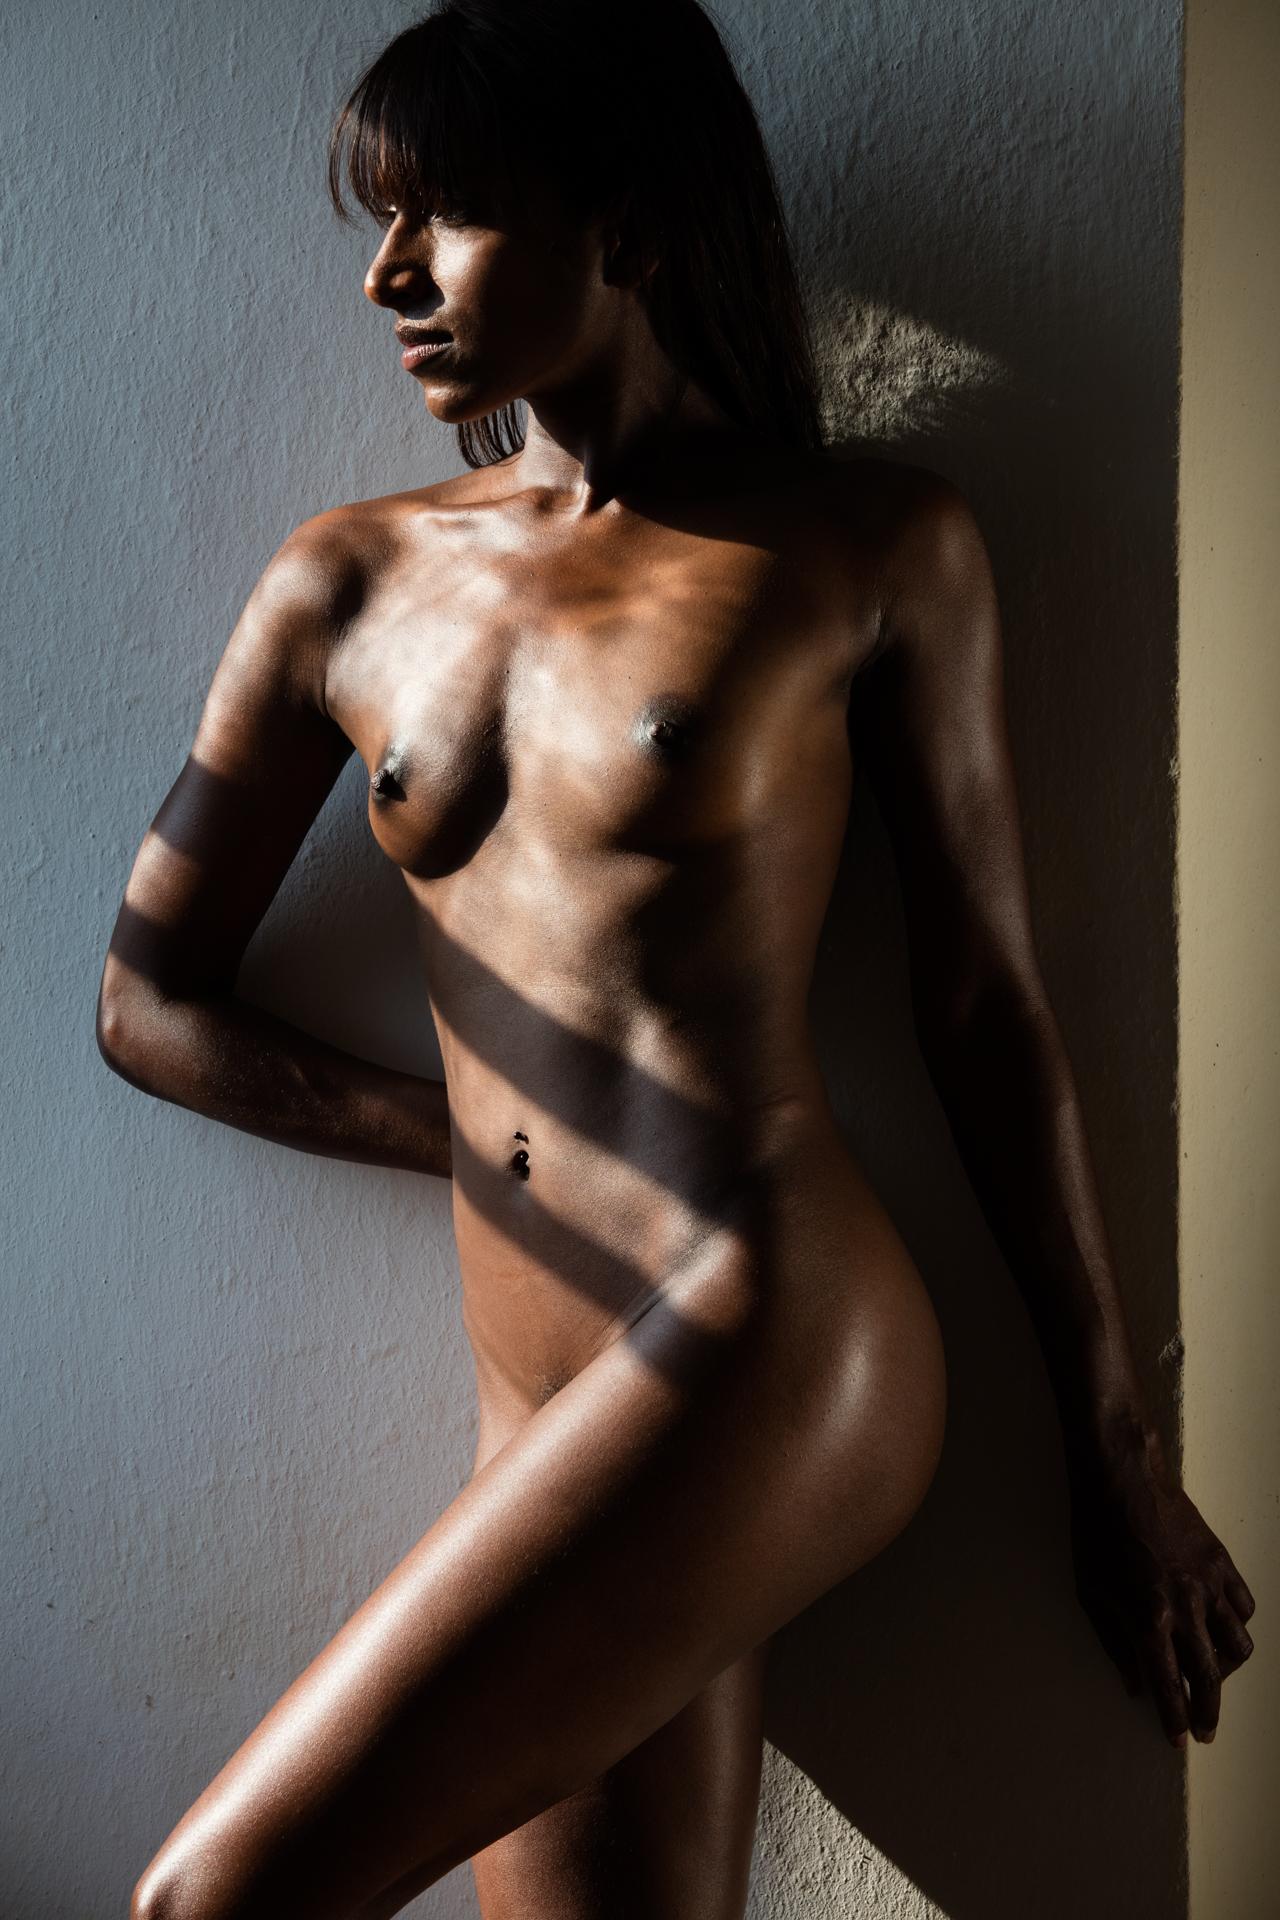 Nude photoshoot - COOPH_Greg_Gorman_005